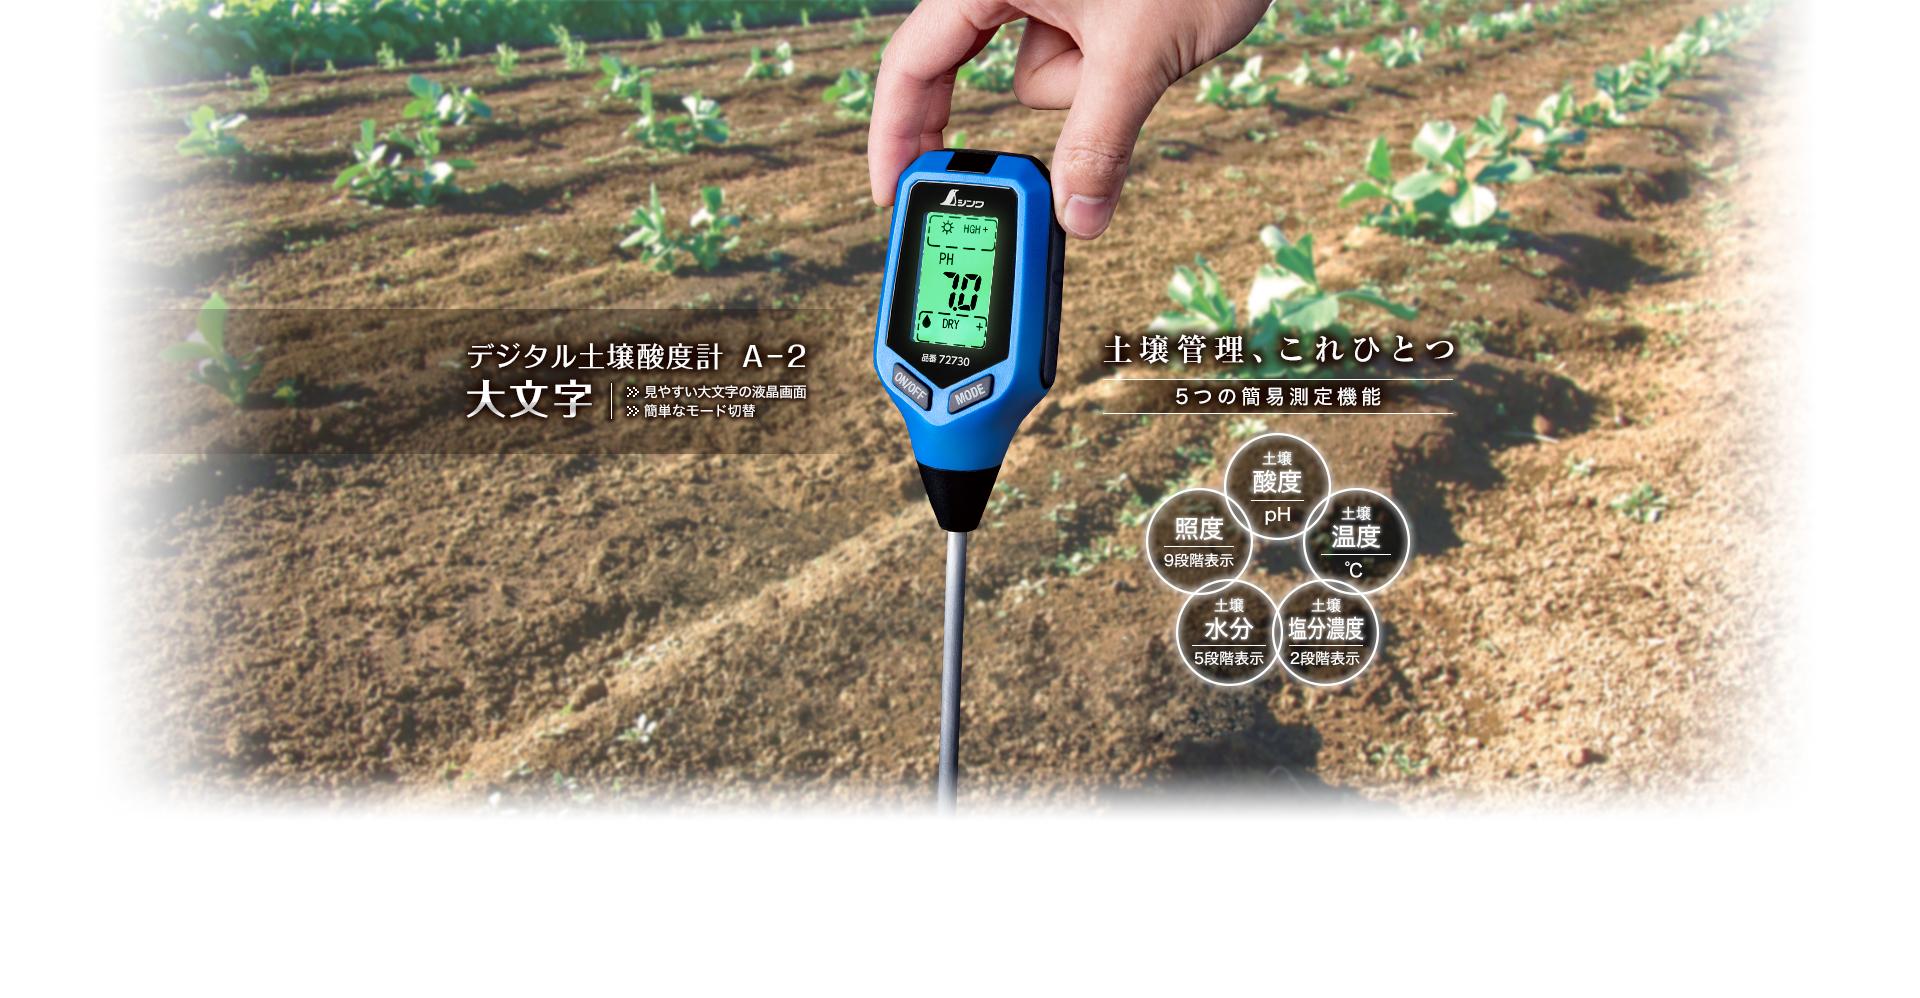 デジタル土壌酸度計A-2大文字